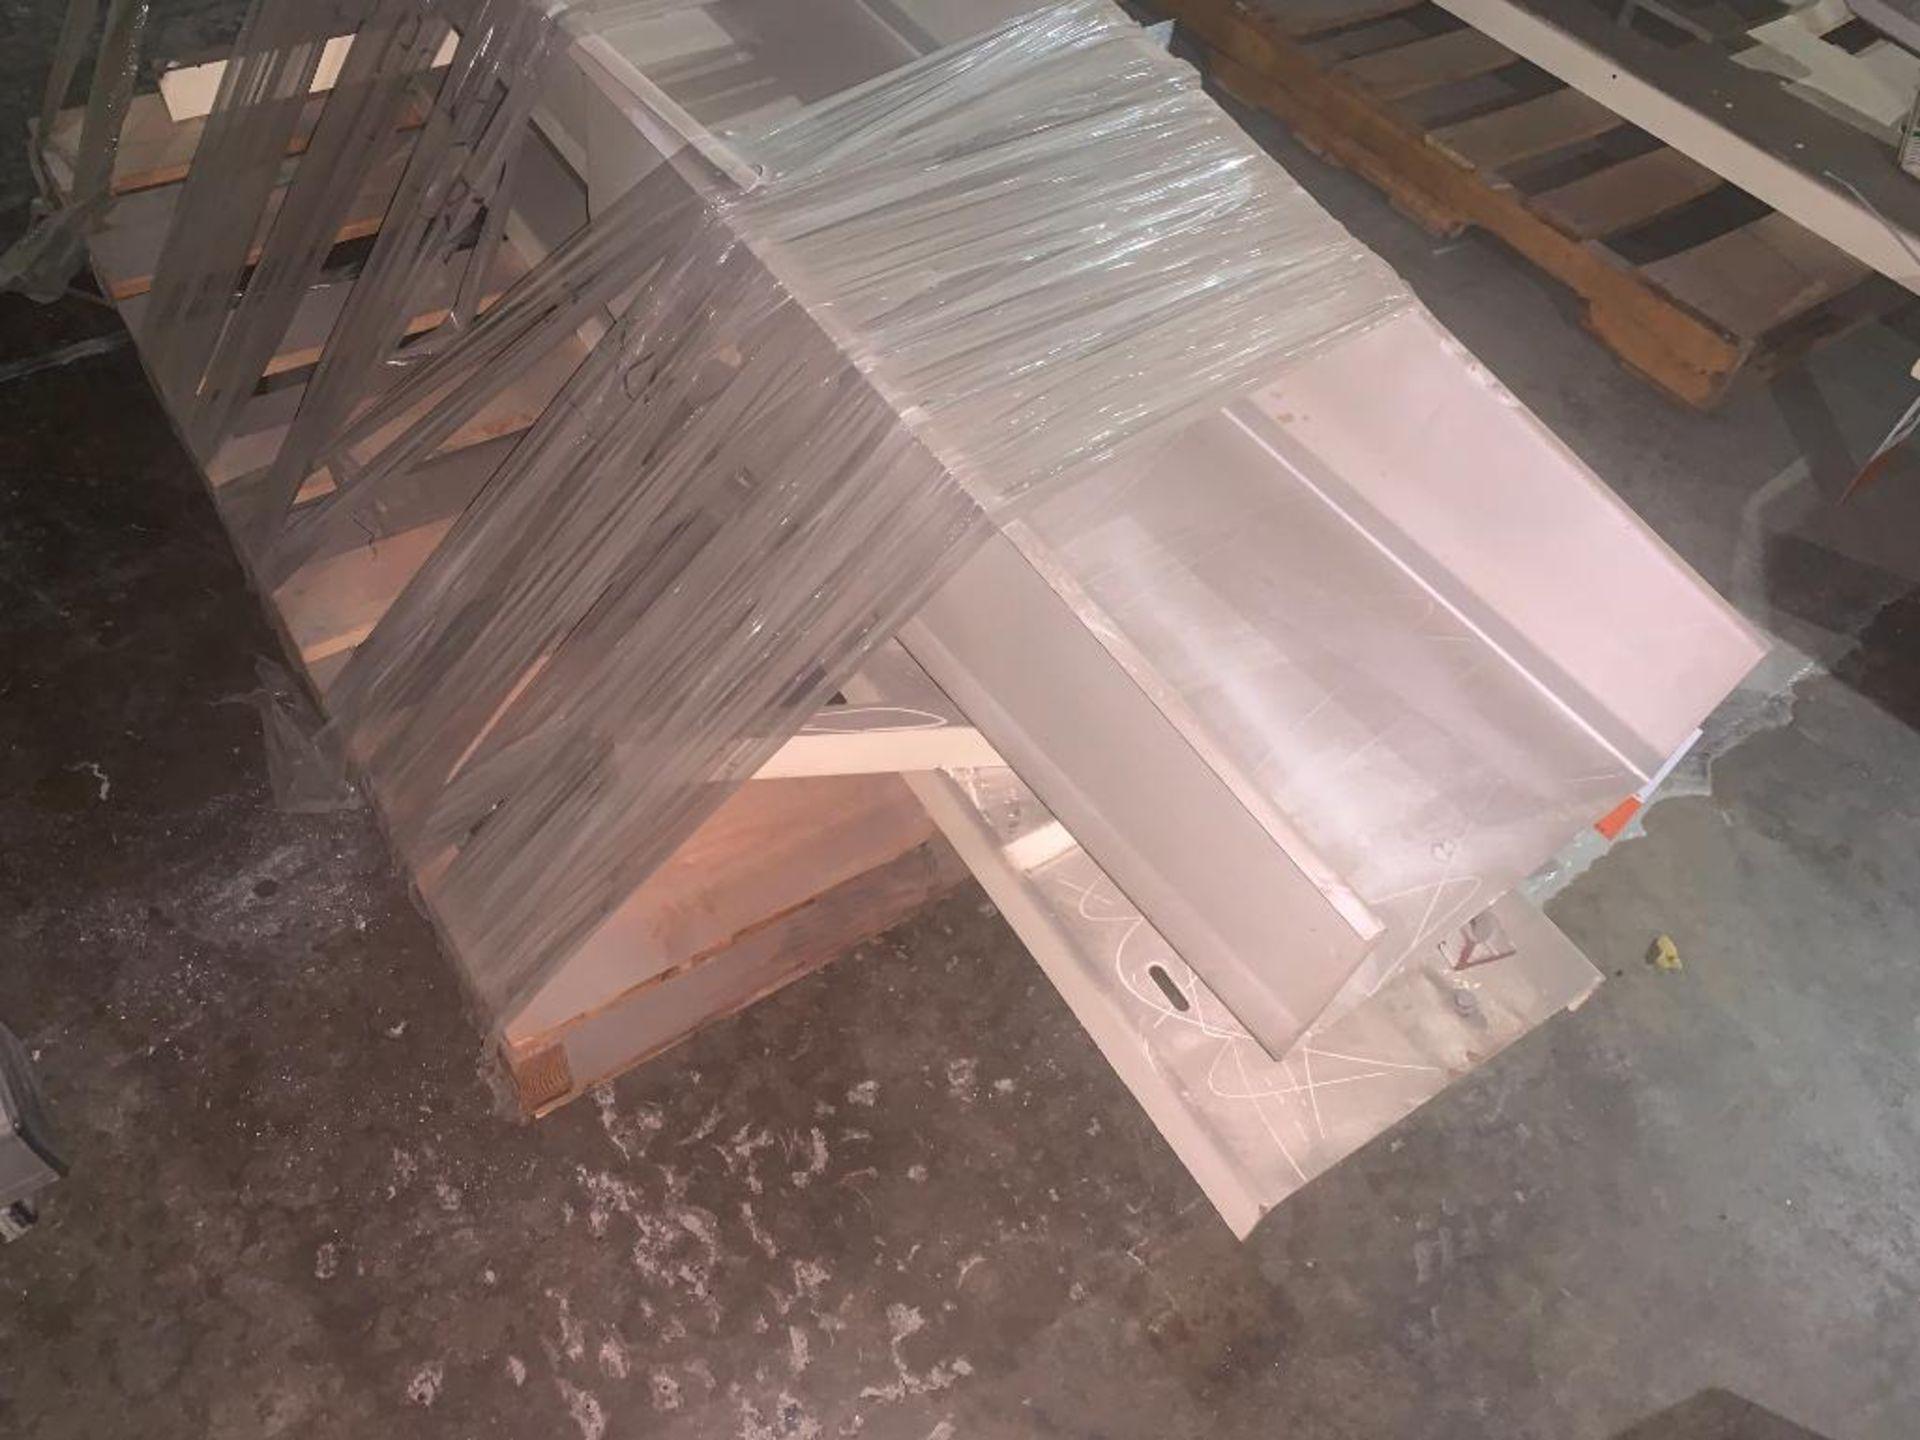 vibratory conveyor - Image 3 of 5